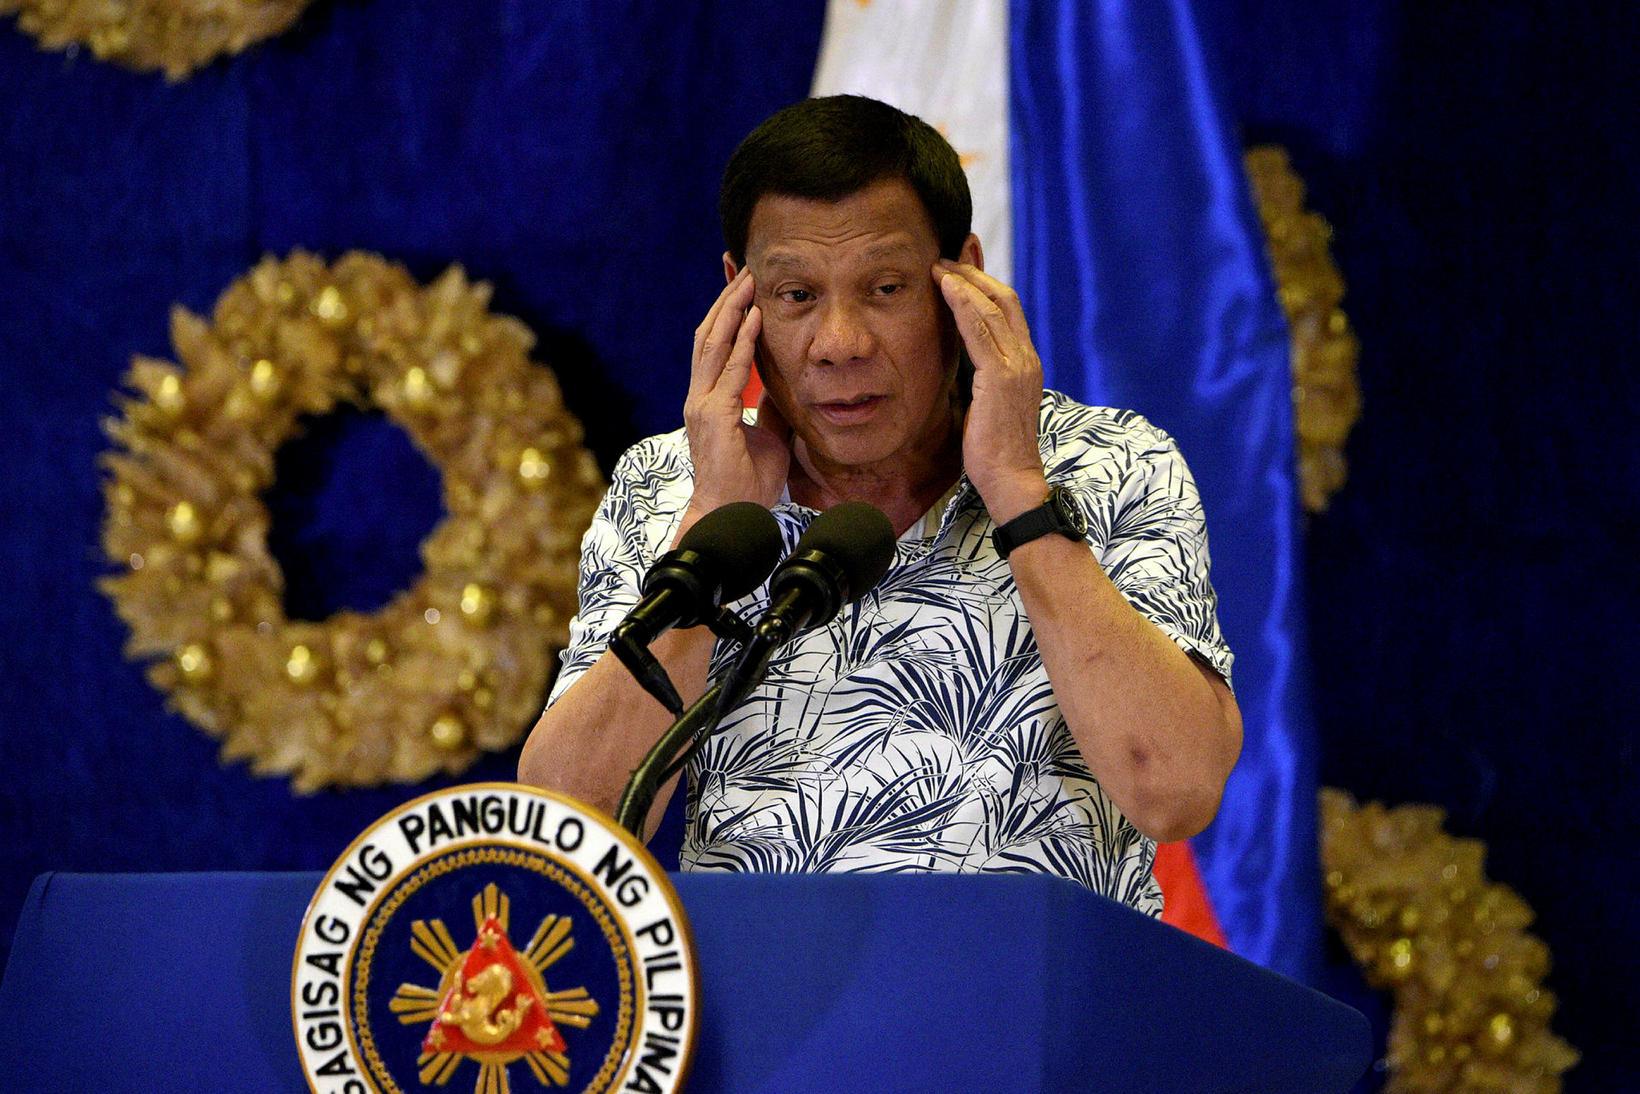 Forseti Filippeseyja, Rodrigo Duterte, á blaðamannafundi í Manila í dag.